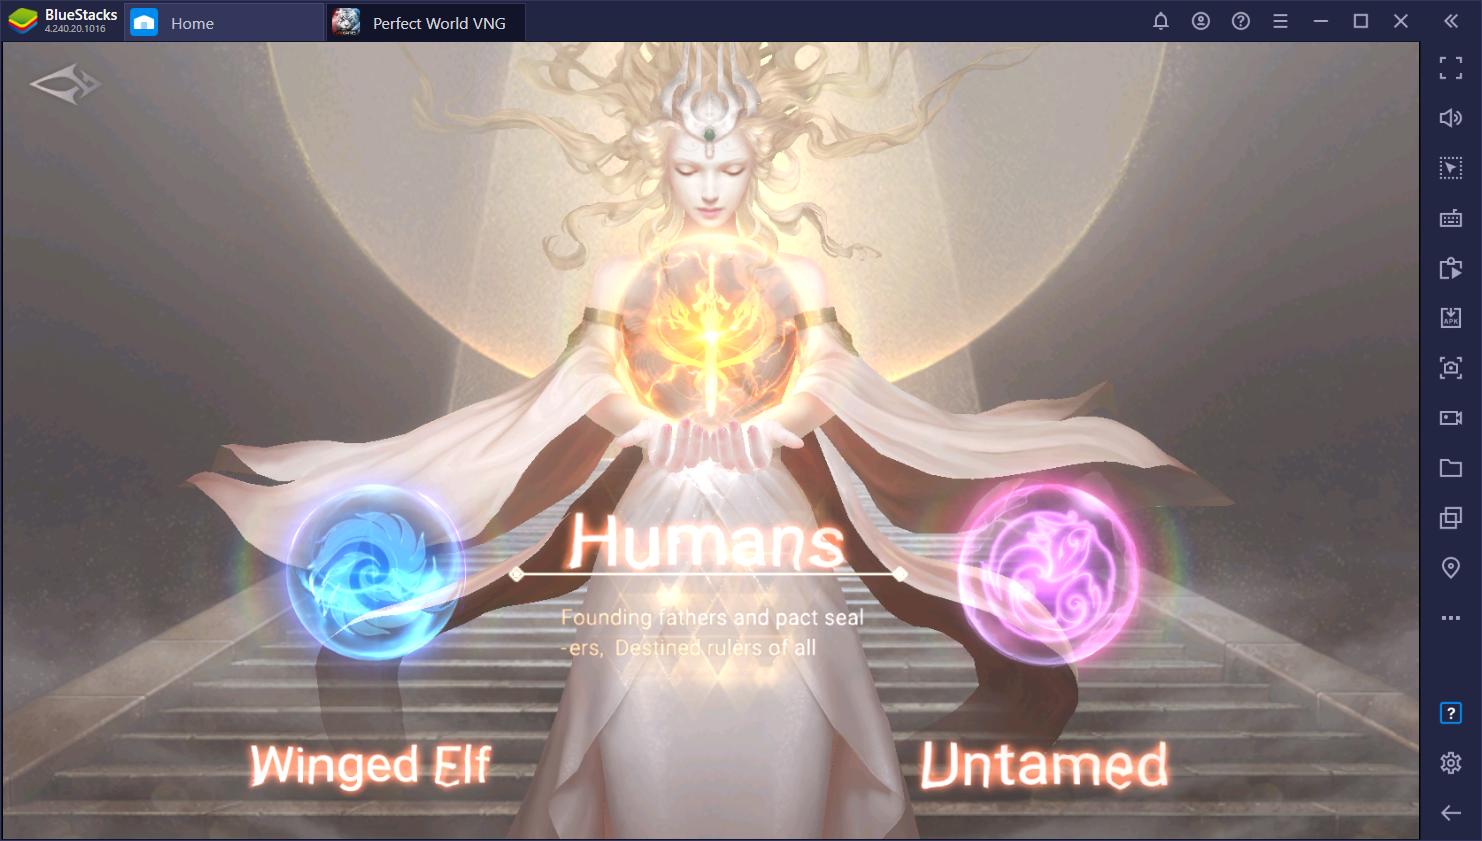 Perfect World VNG: Panduan Karakter & Yang Terbaik dalam Game Untuk Newbie